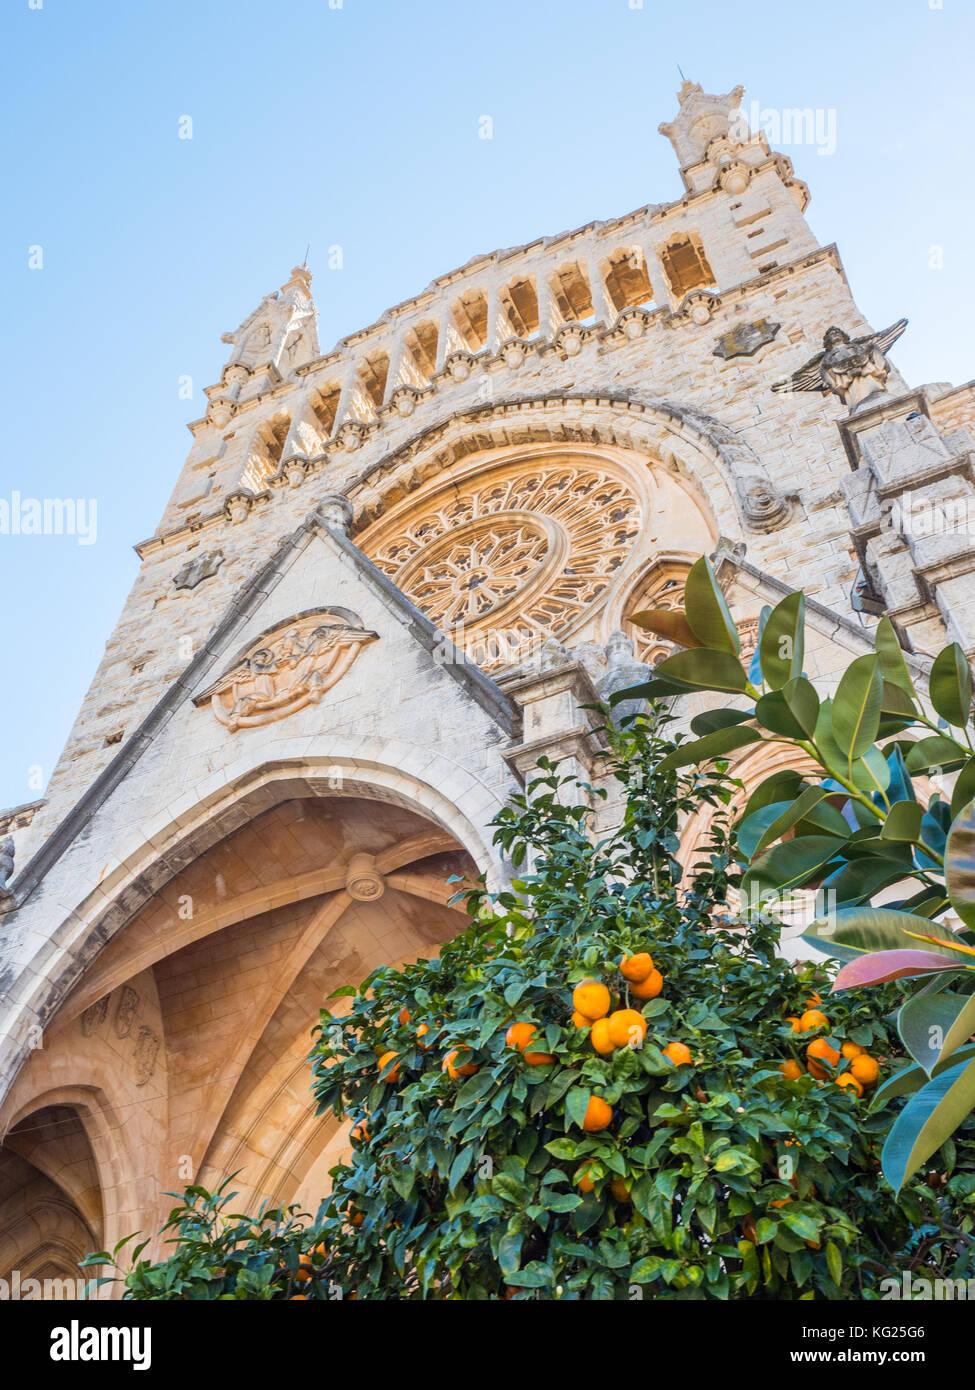 L'église et d'orangers, Soller, Majorque, Iles Baléares, Espagne, Méditerranée, Europe Photo Stock